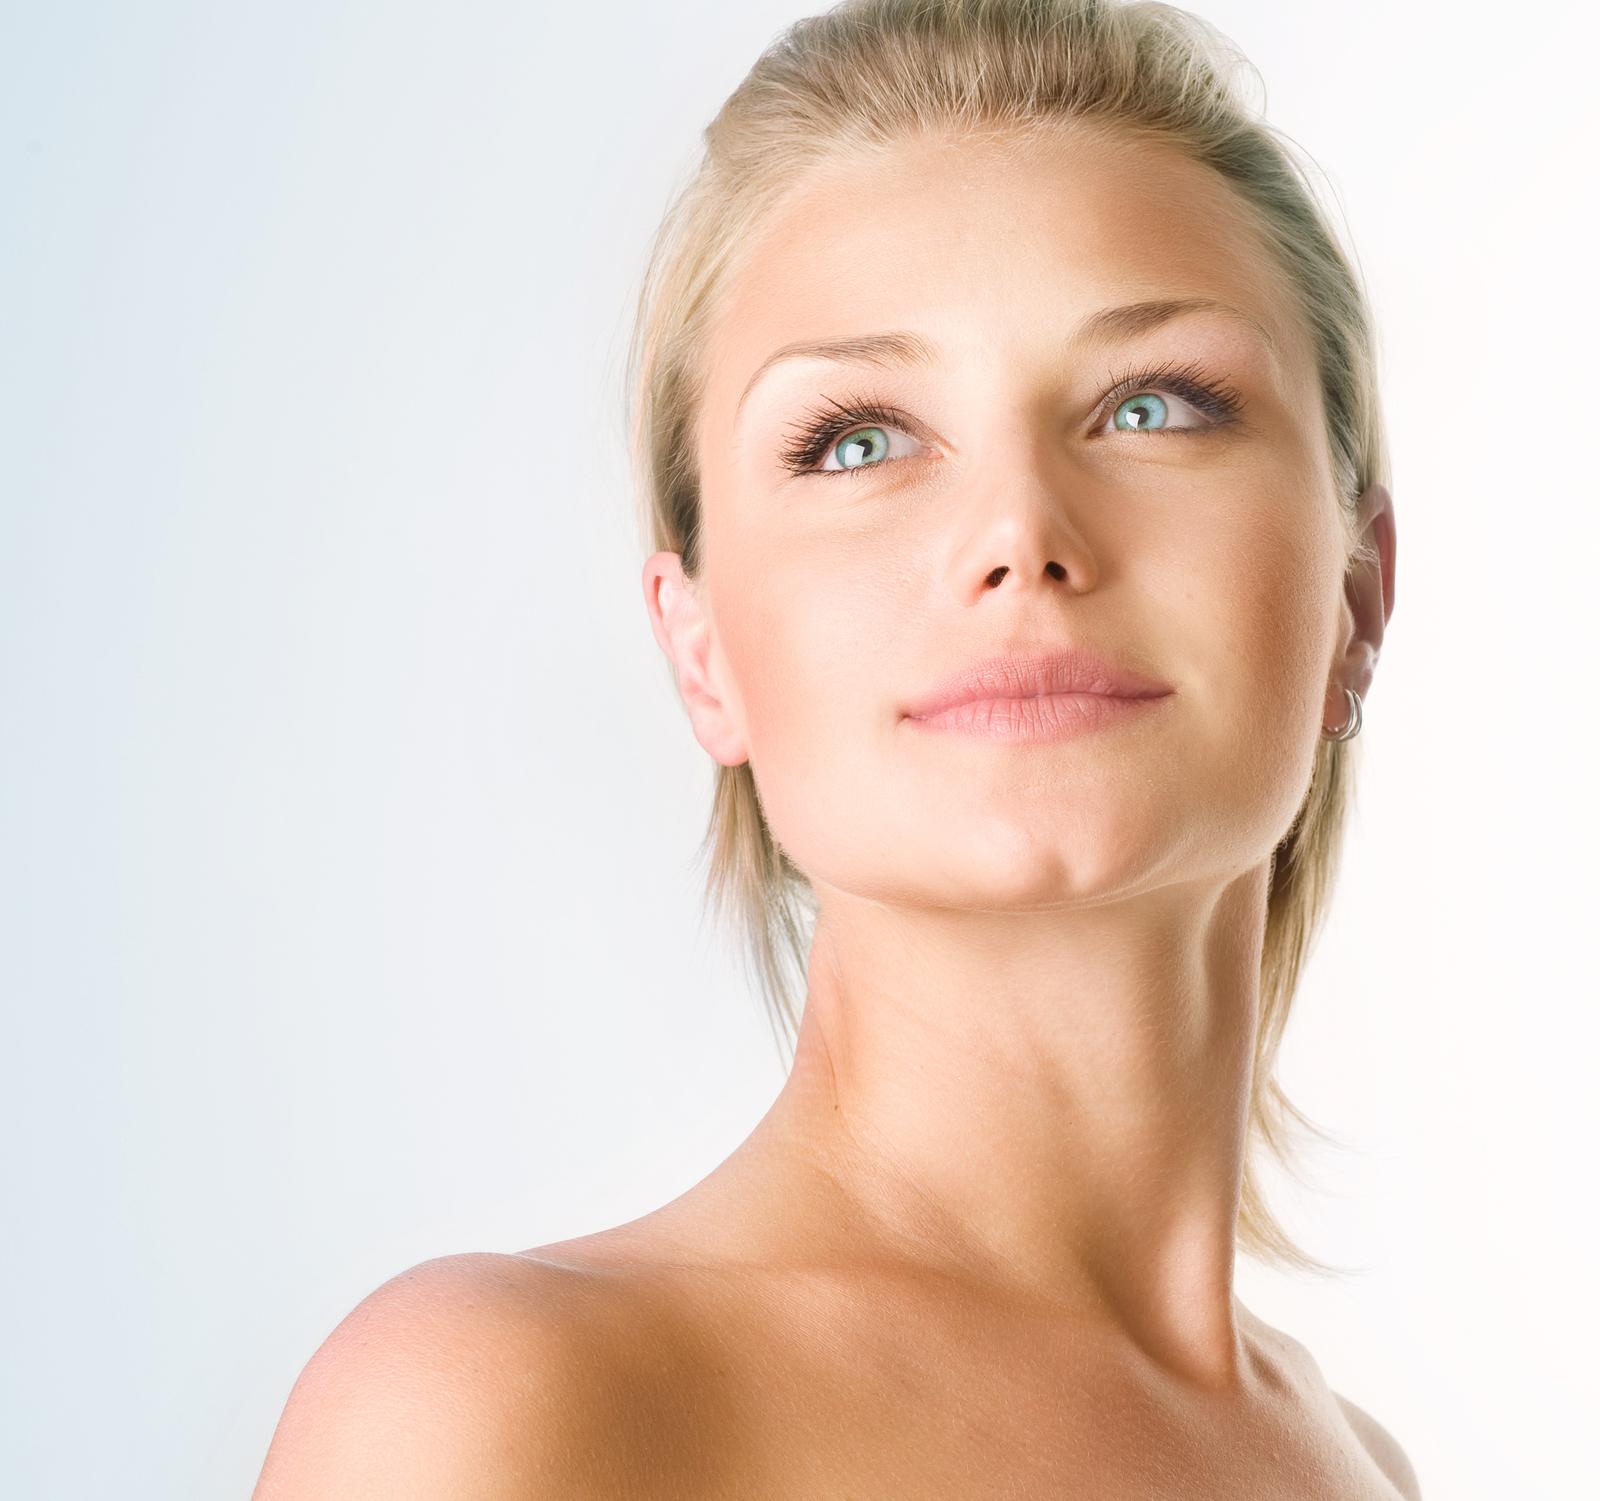 bigstock-Beautiful-Girl-face-Perfect-sk-12572852.jpg